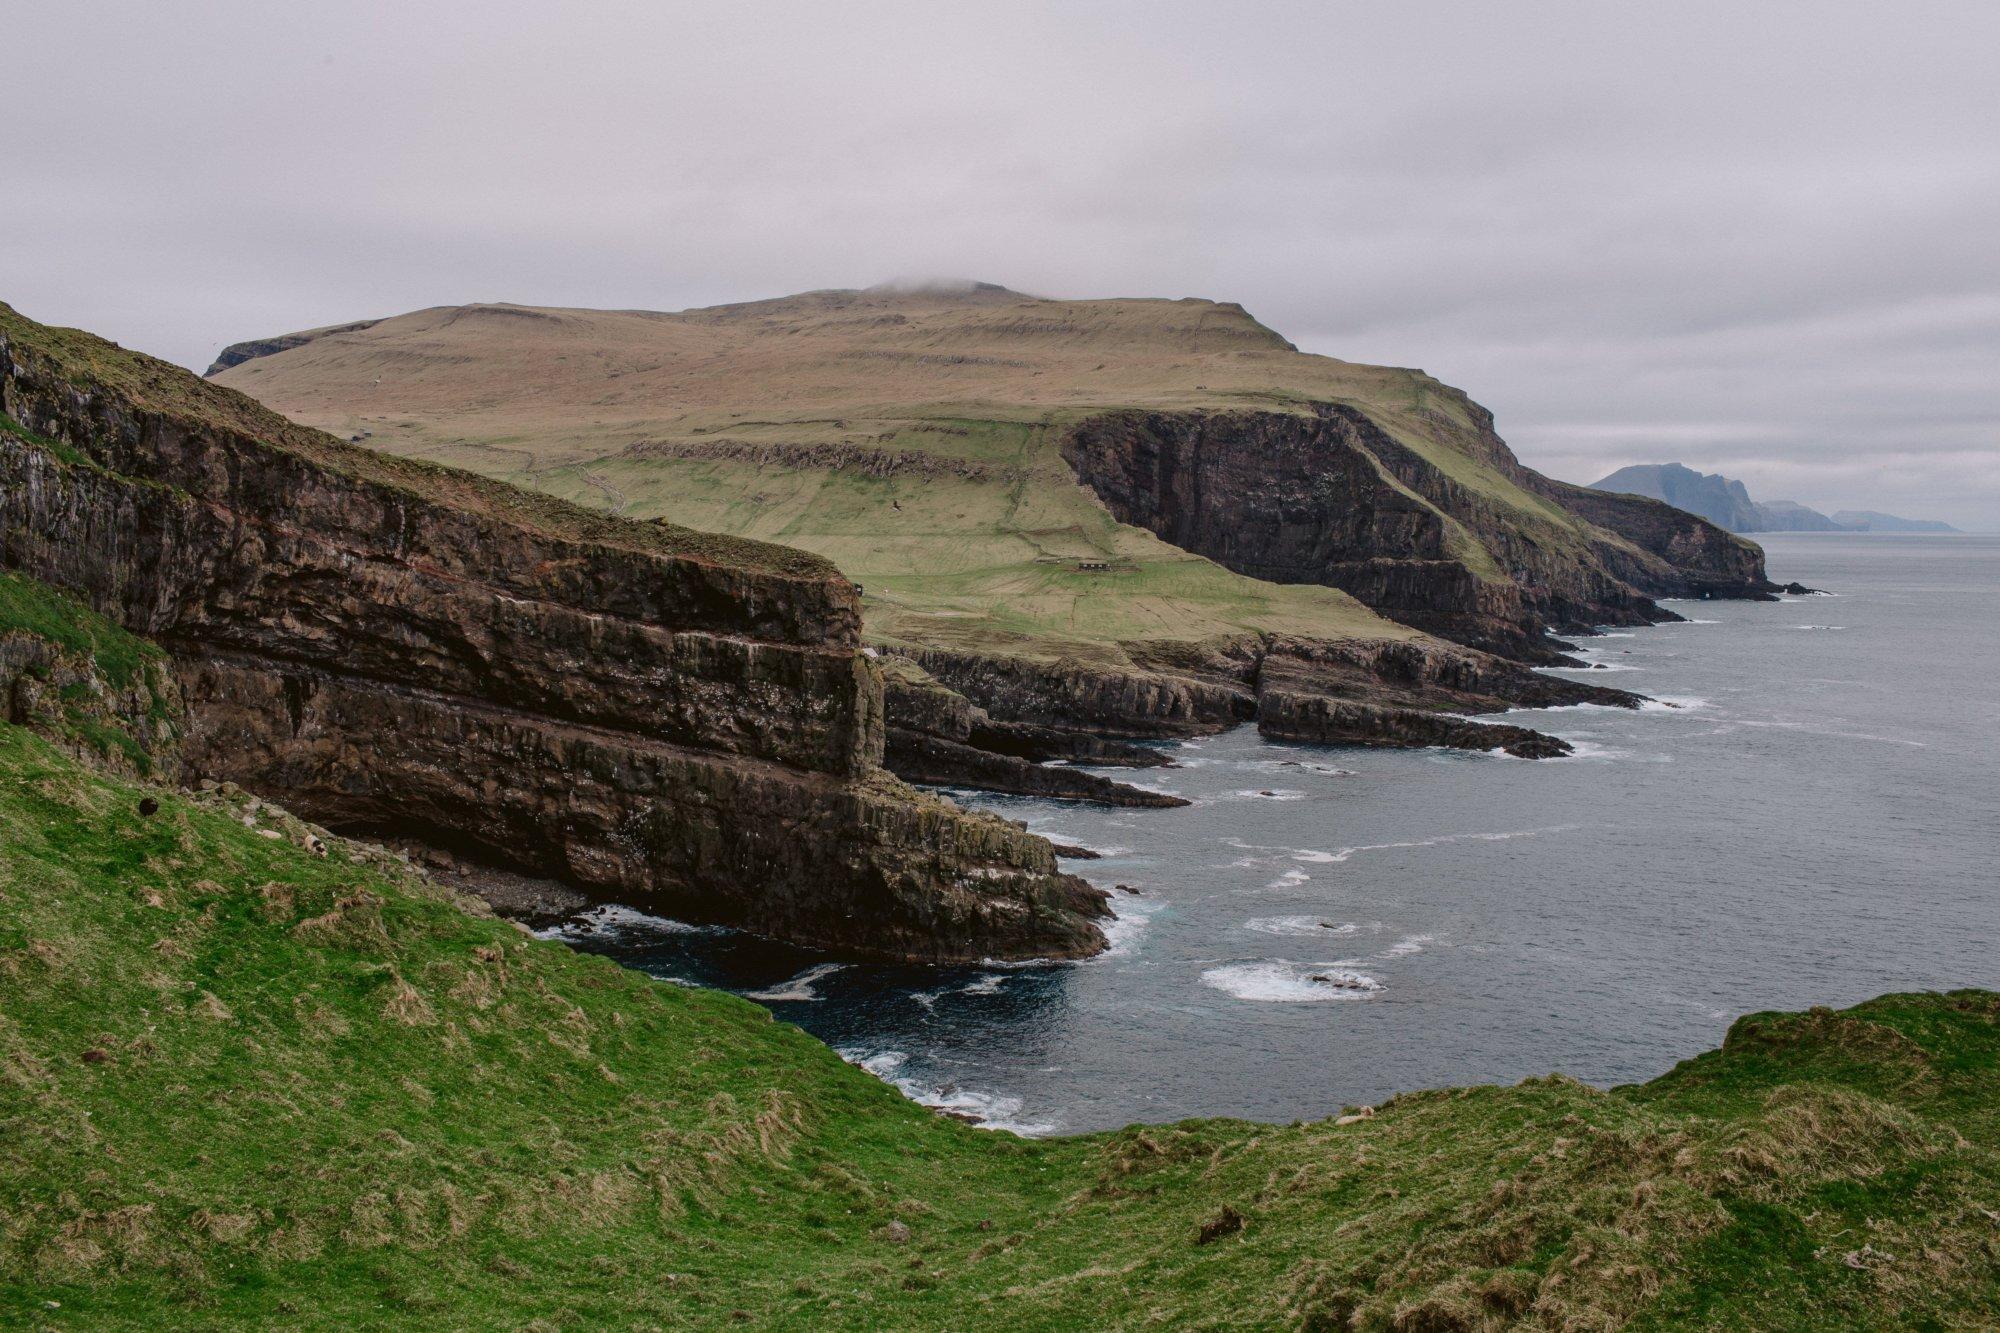 Poszarpane wybrzeże Mykines na Wyspach Owczych